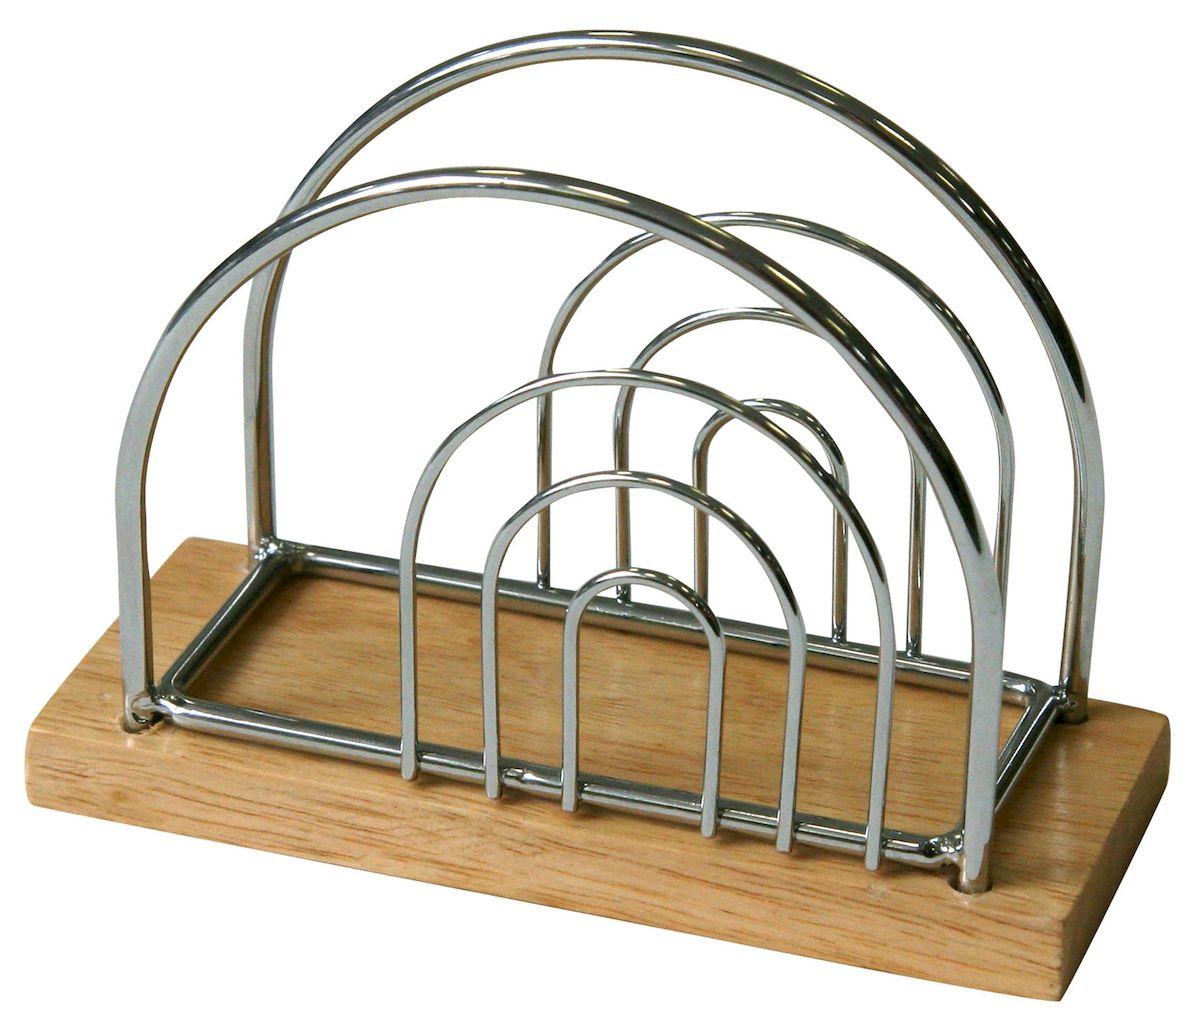 Салфетница Axentia Top Star, 13 х 9,5 см224784Салфетница Axentia Top Star изготовлена из высококачественной хромированной стали и дерева. Эксклюзивный дизайн, эстетичность и функциональность сделают ее красивым дополнением сервировки стола и полезным приобретением для вашей кухни. Изделие можно мыть в посудомоечной машине. Размеры: 13 х 9,5 см.